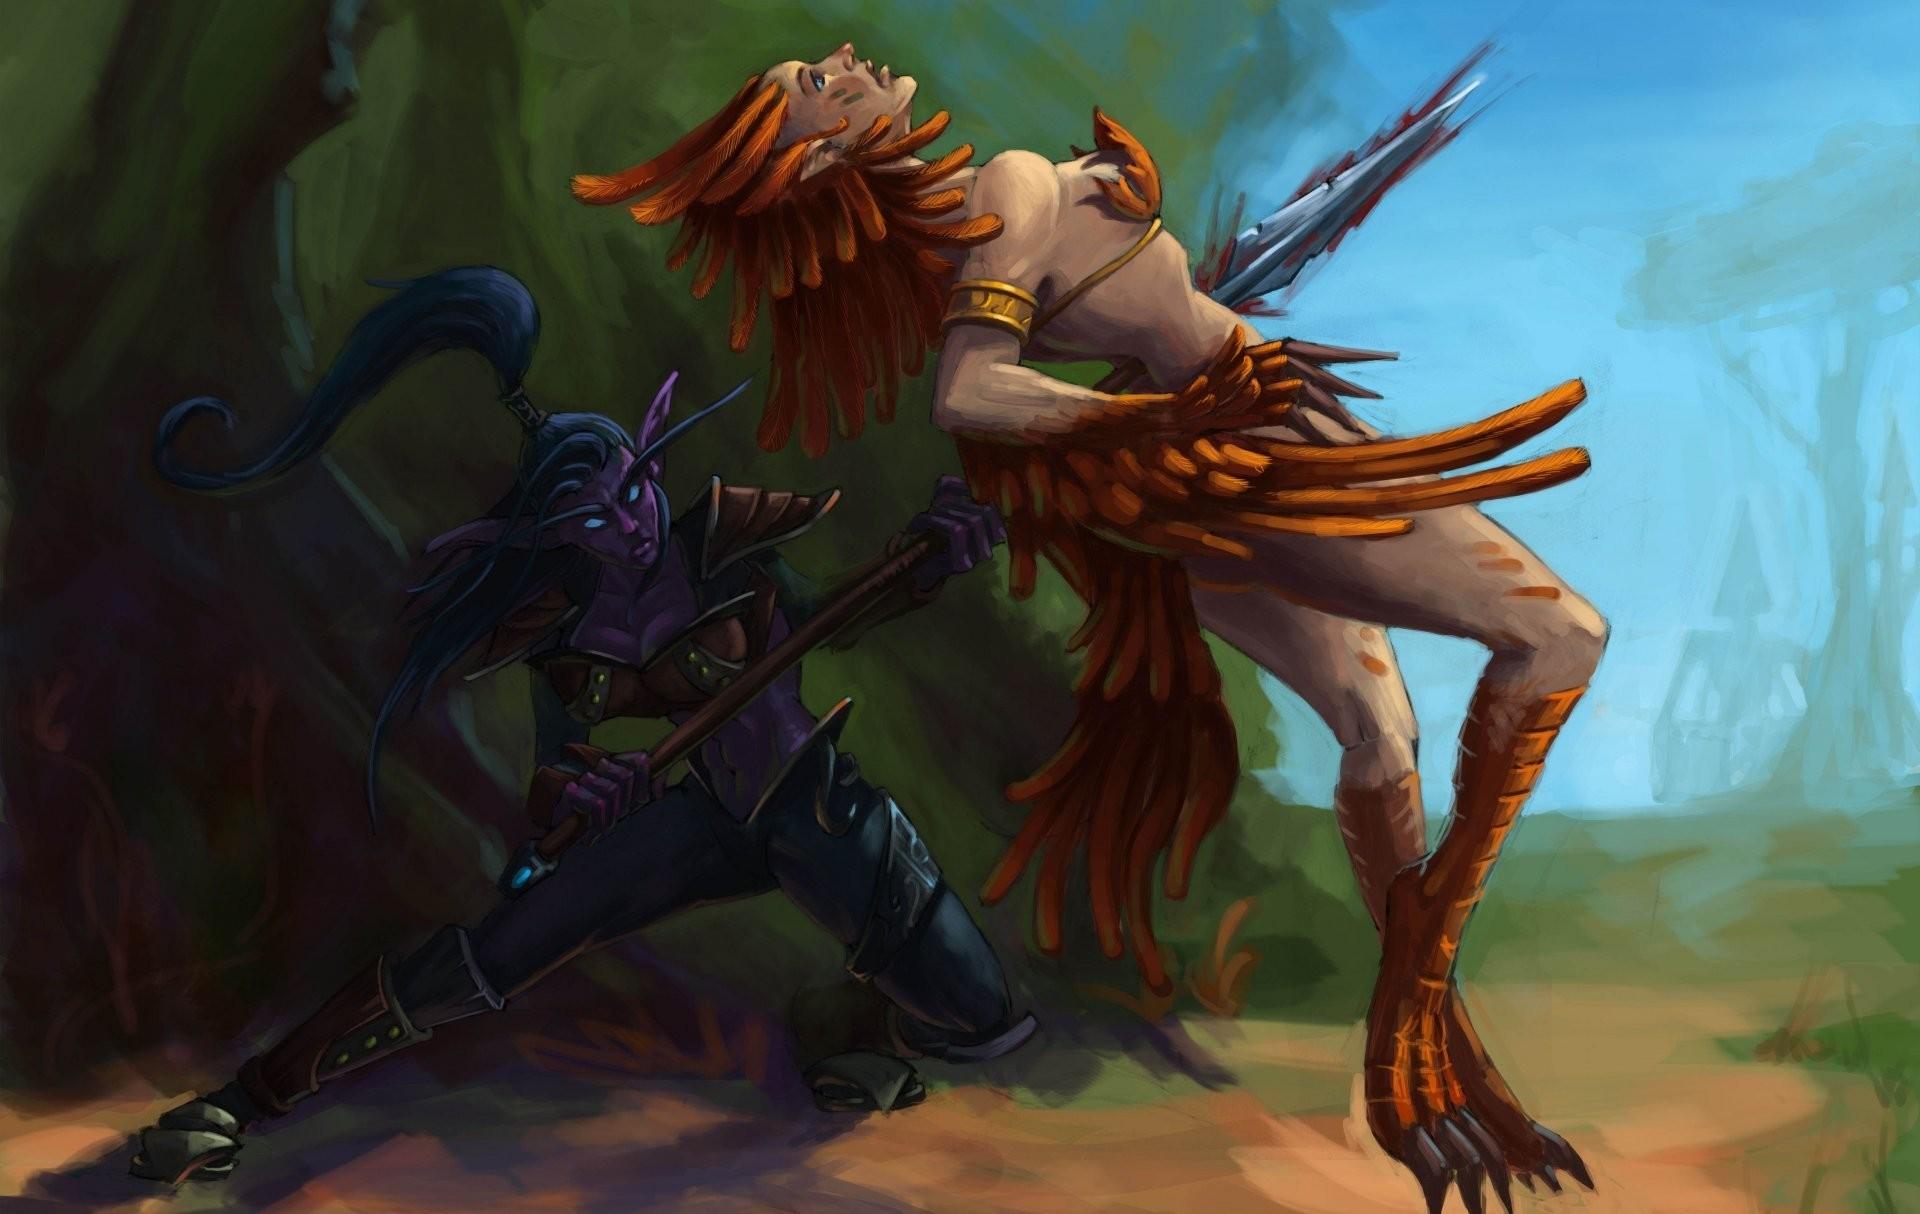 Sexy wallpaper wow Warcraft Wallpaper,